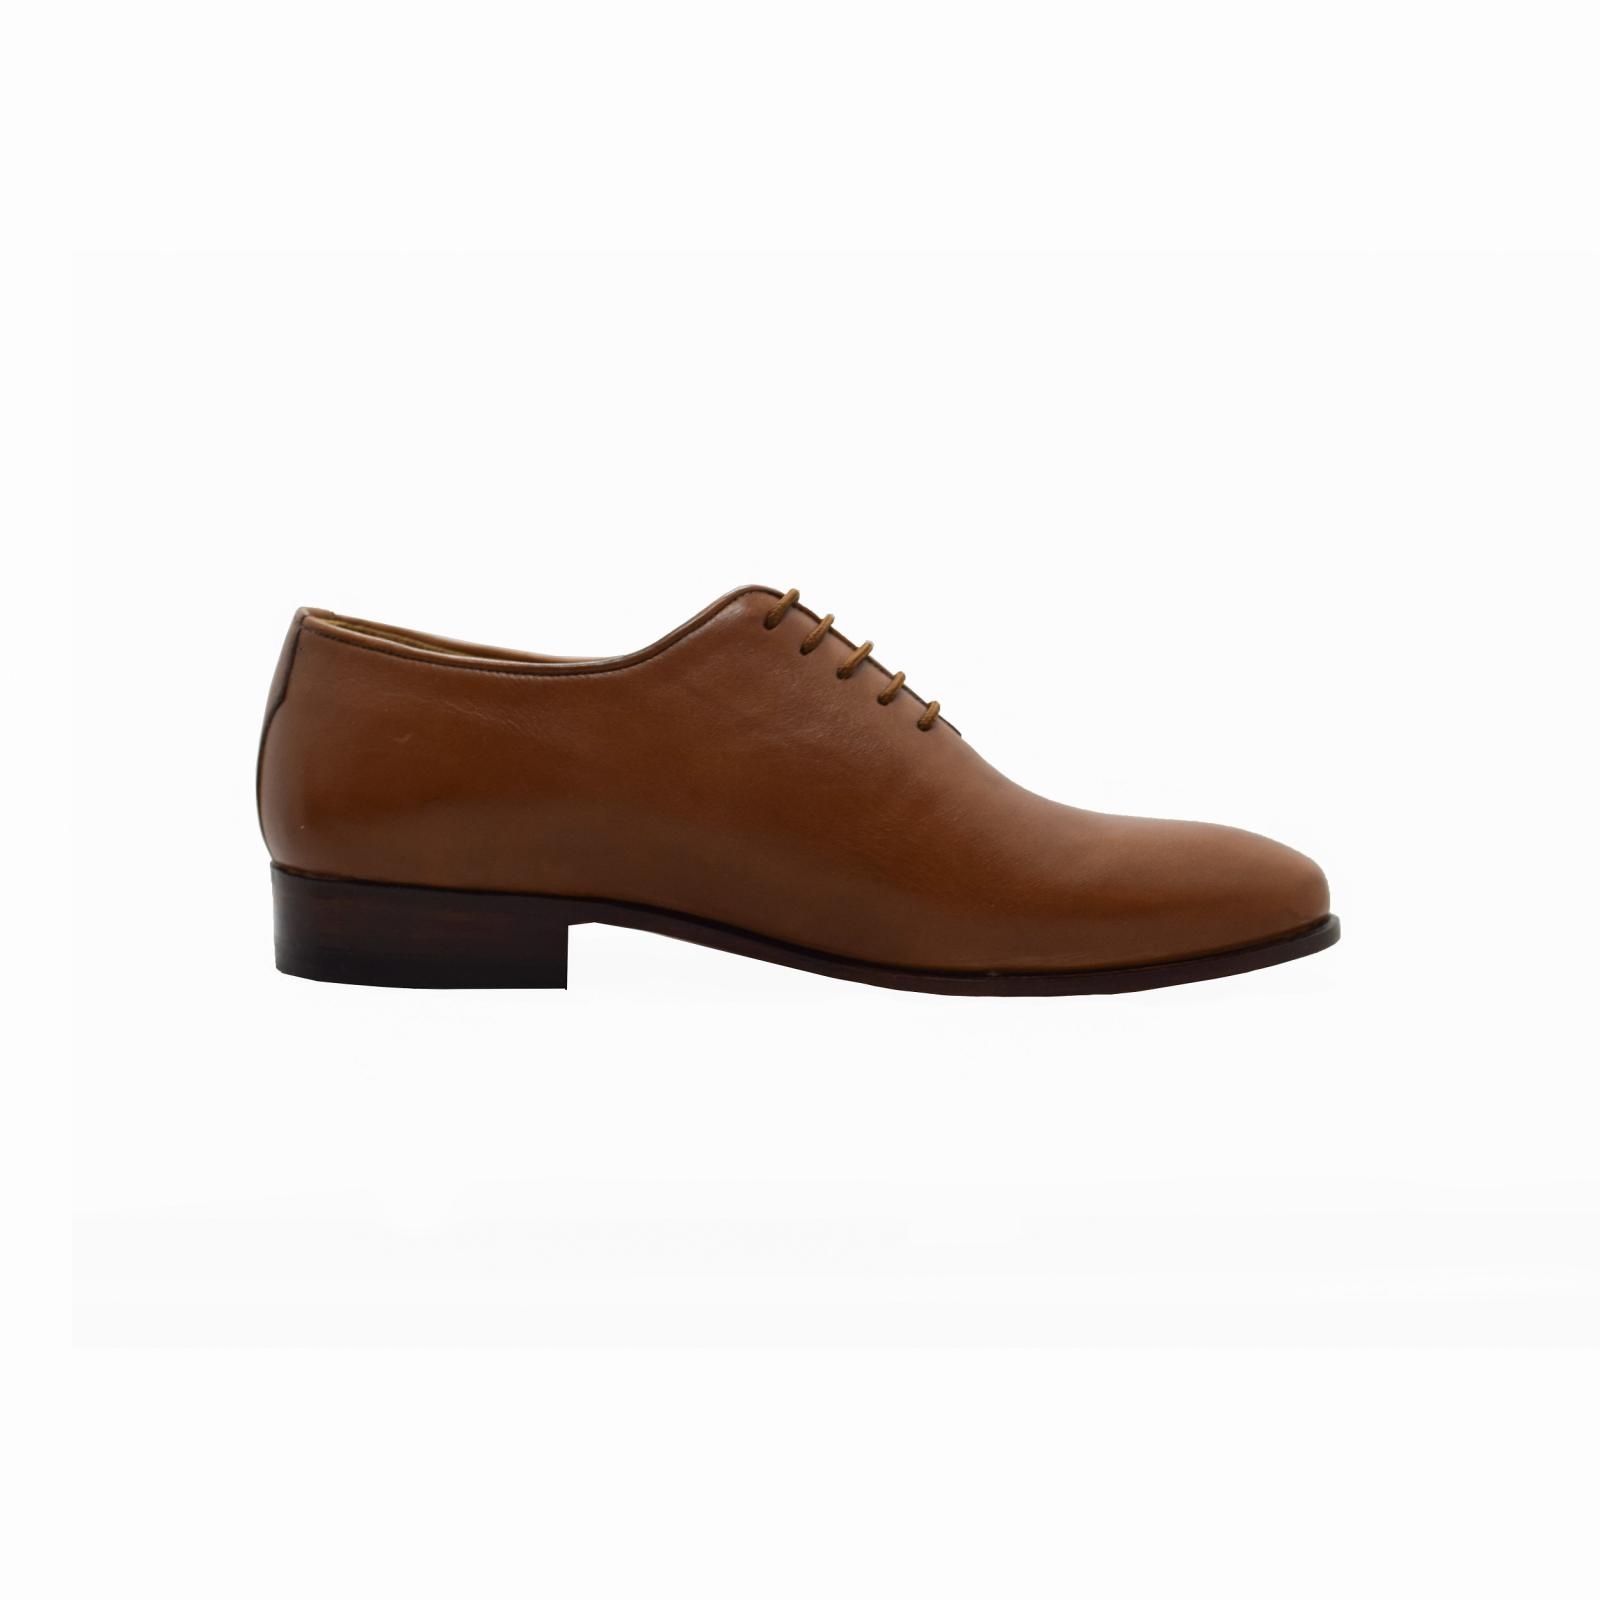 کفش مردانه دگرمان مدل کلاسیک کد deg.2101-407 -  - 5